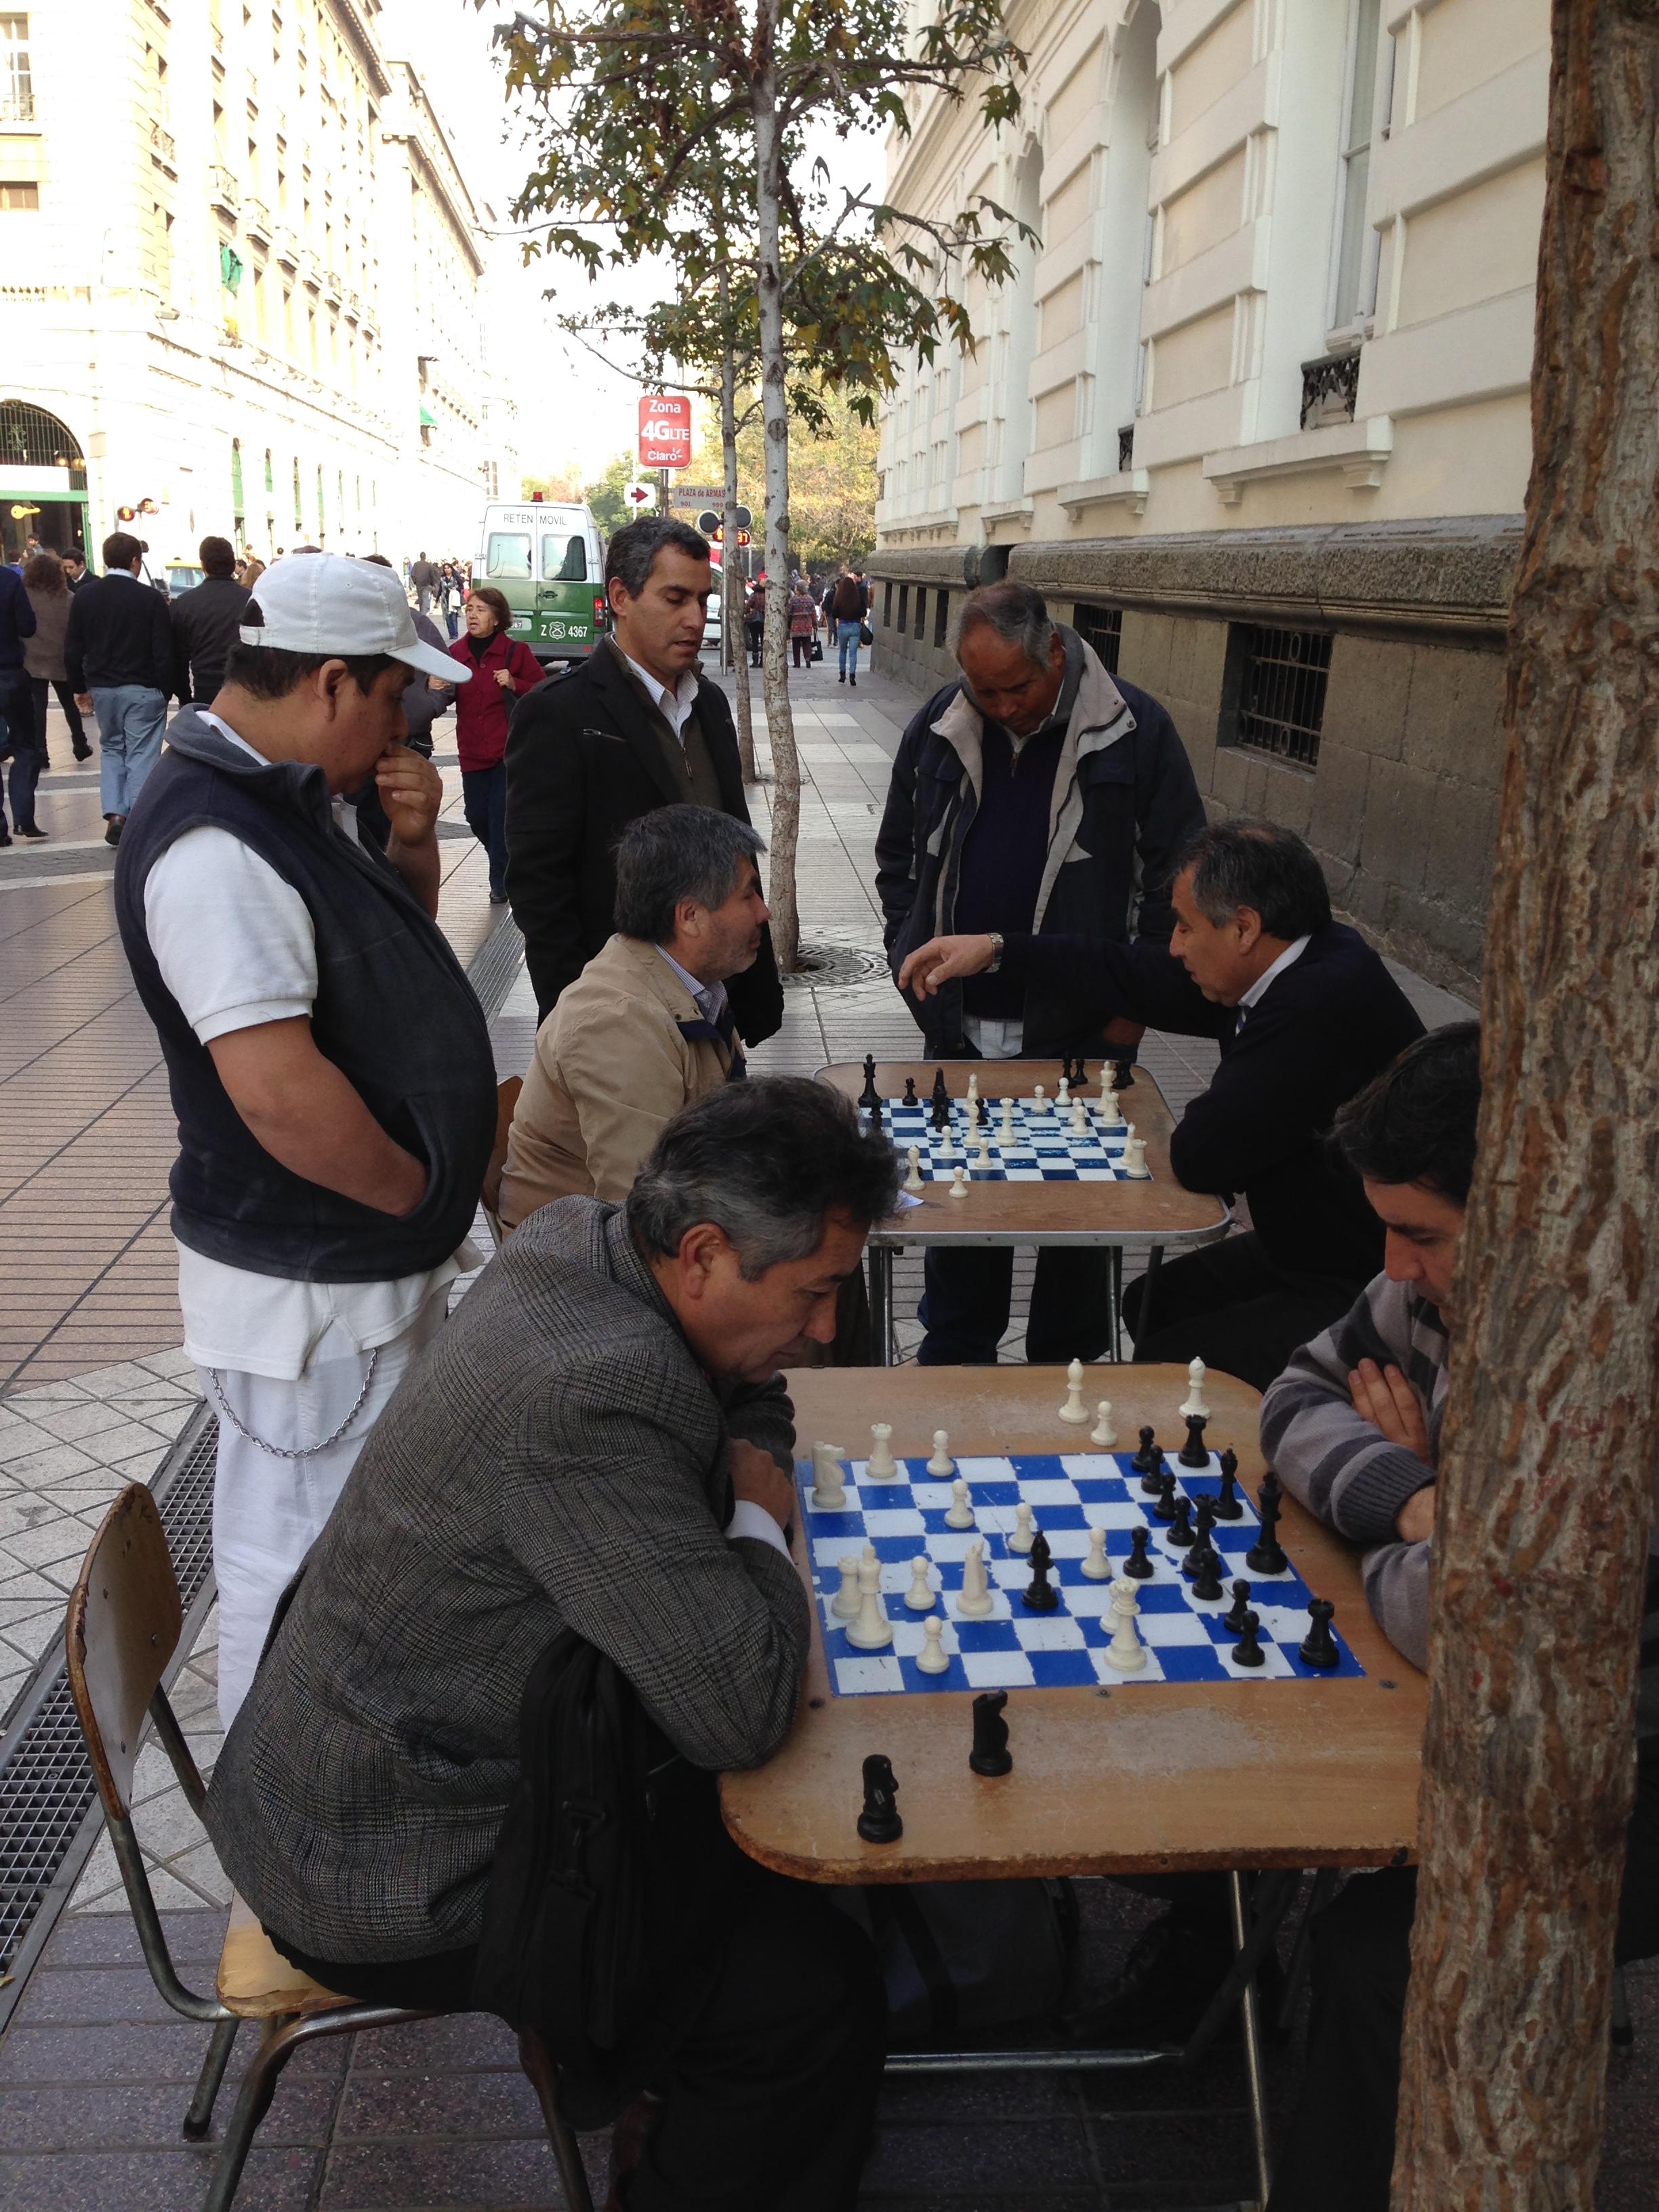 En Santiago son muy comunes las partidas callejeras de ajedrez